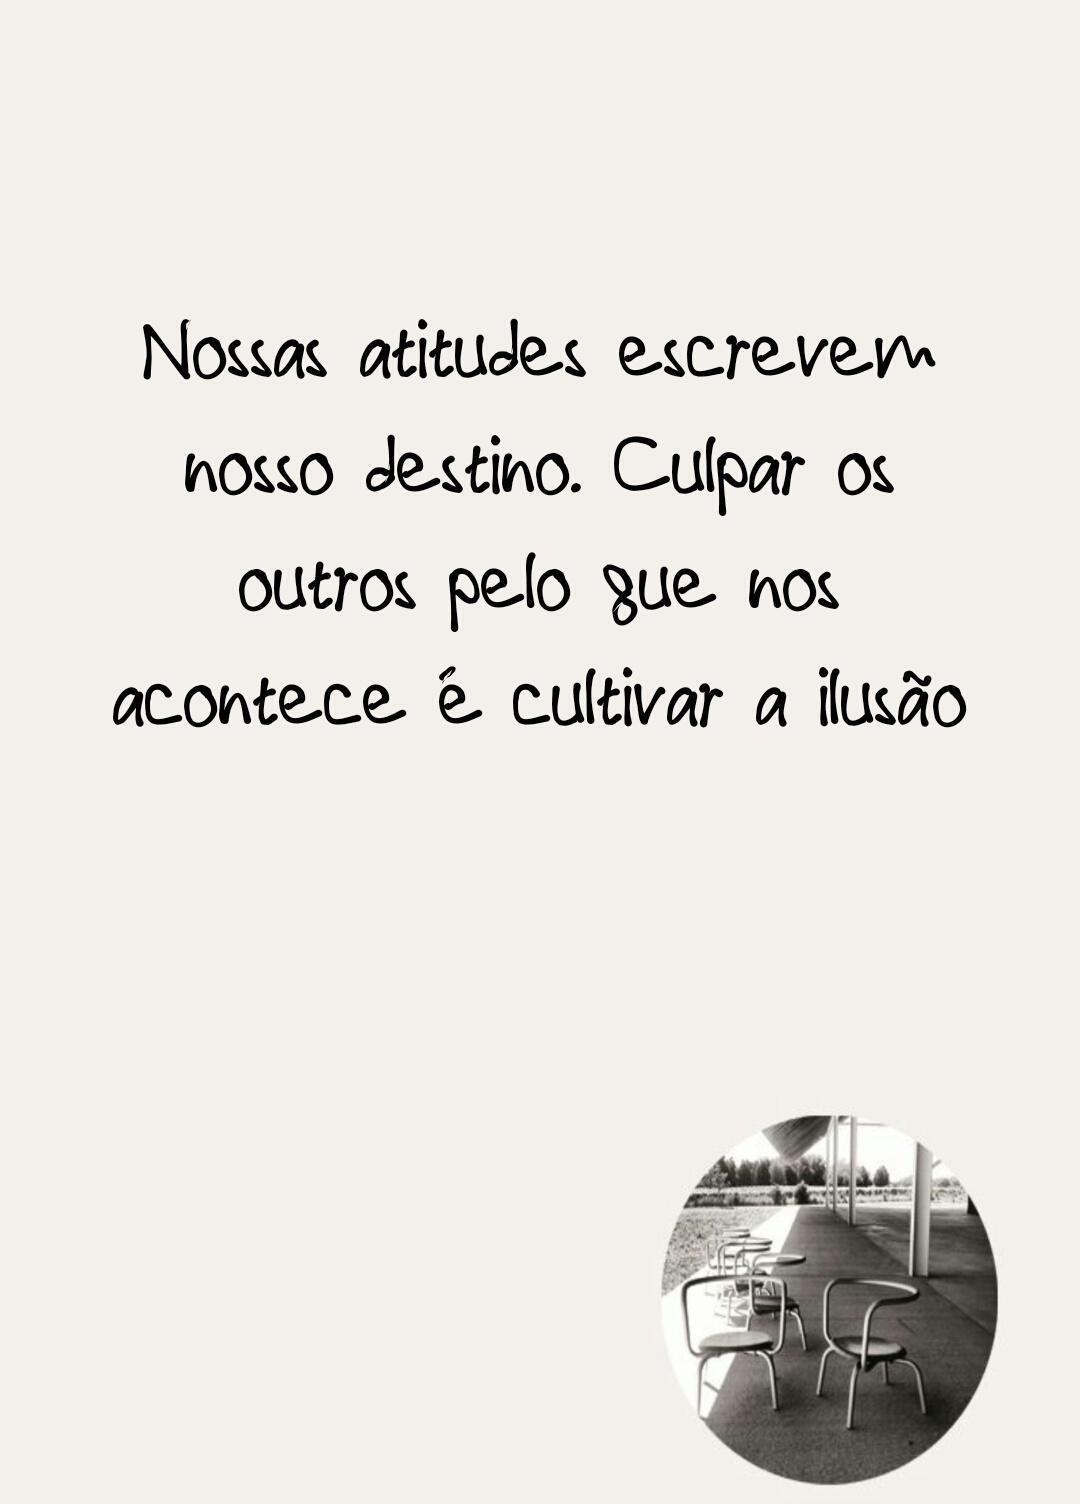 Frases Célebres En Portugués For Android Apk Download